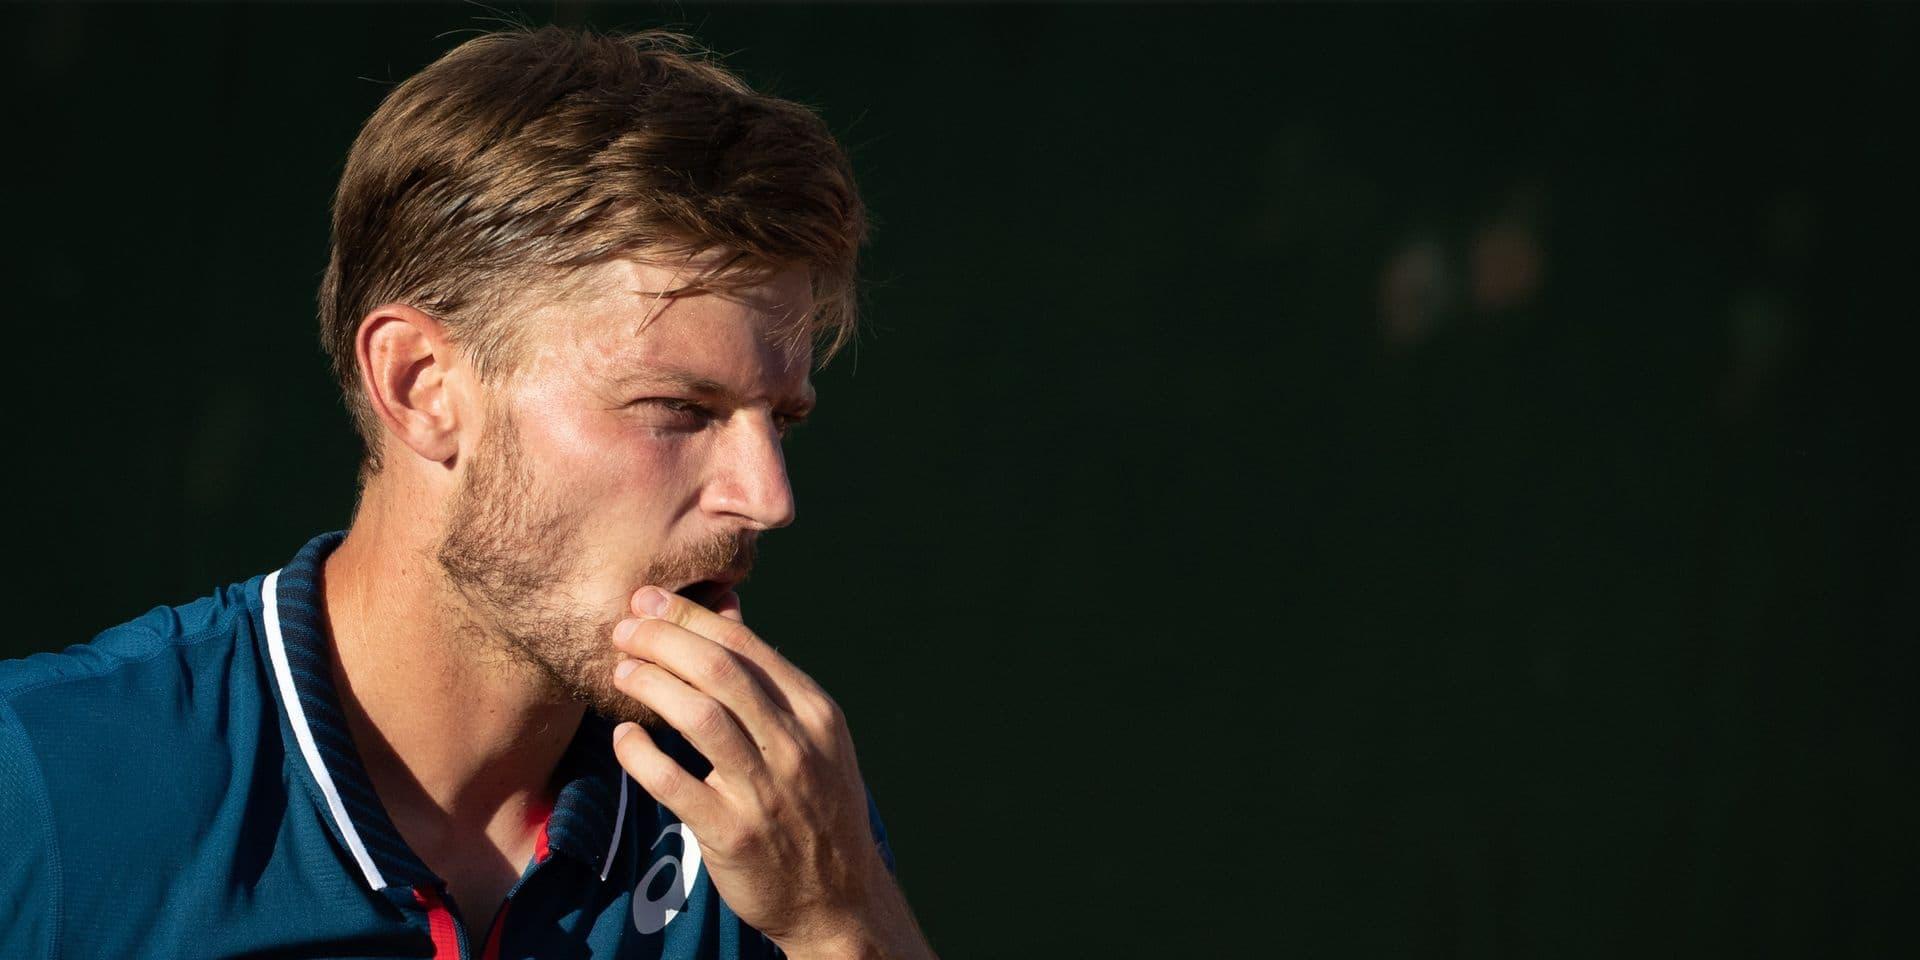 Nouveau classement ATP: David Goffin toujours 20e, Mertens reine du Double et 17e en simple